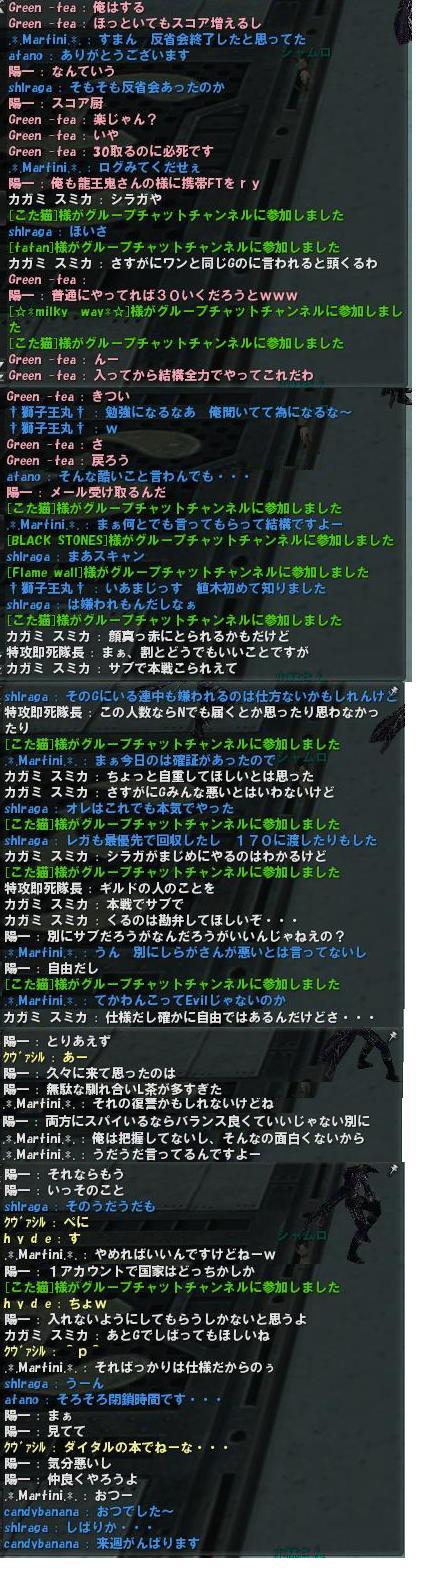 プロキ本戦Lその3